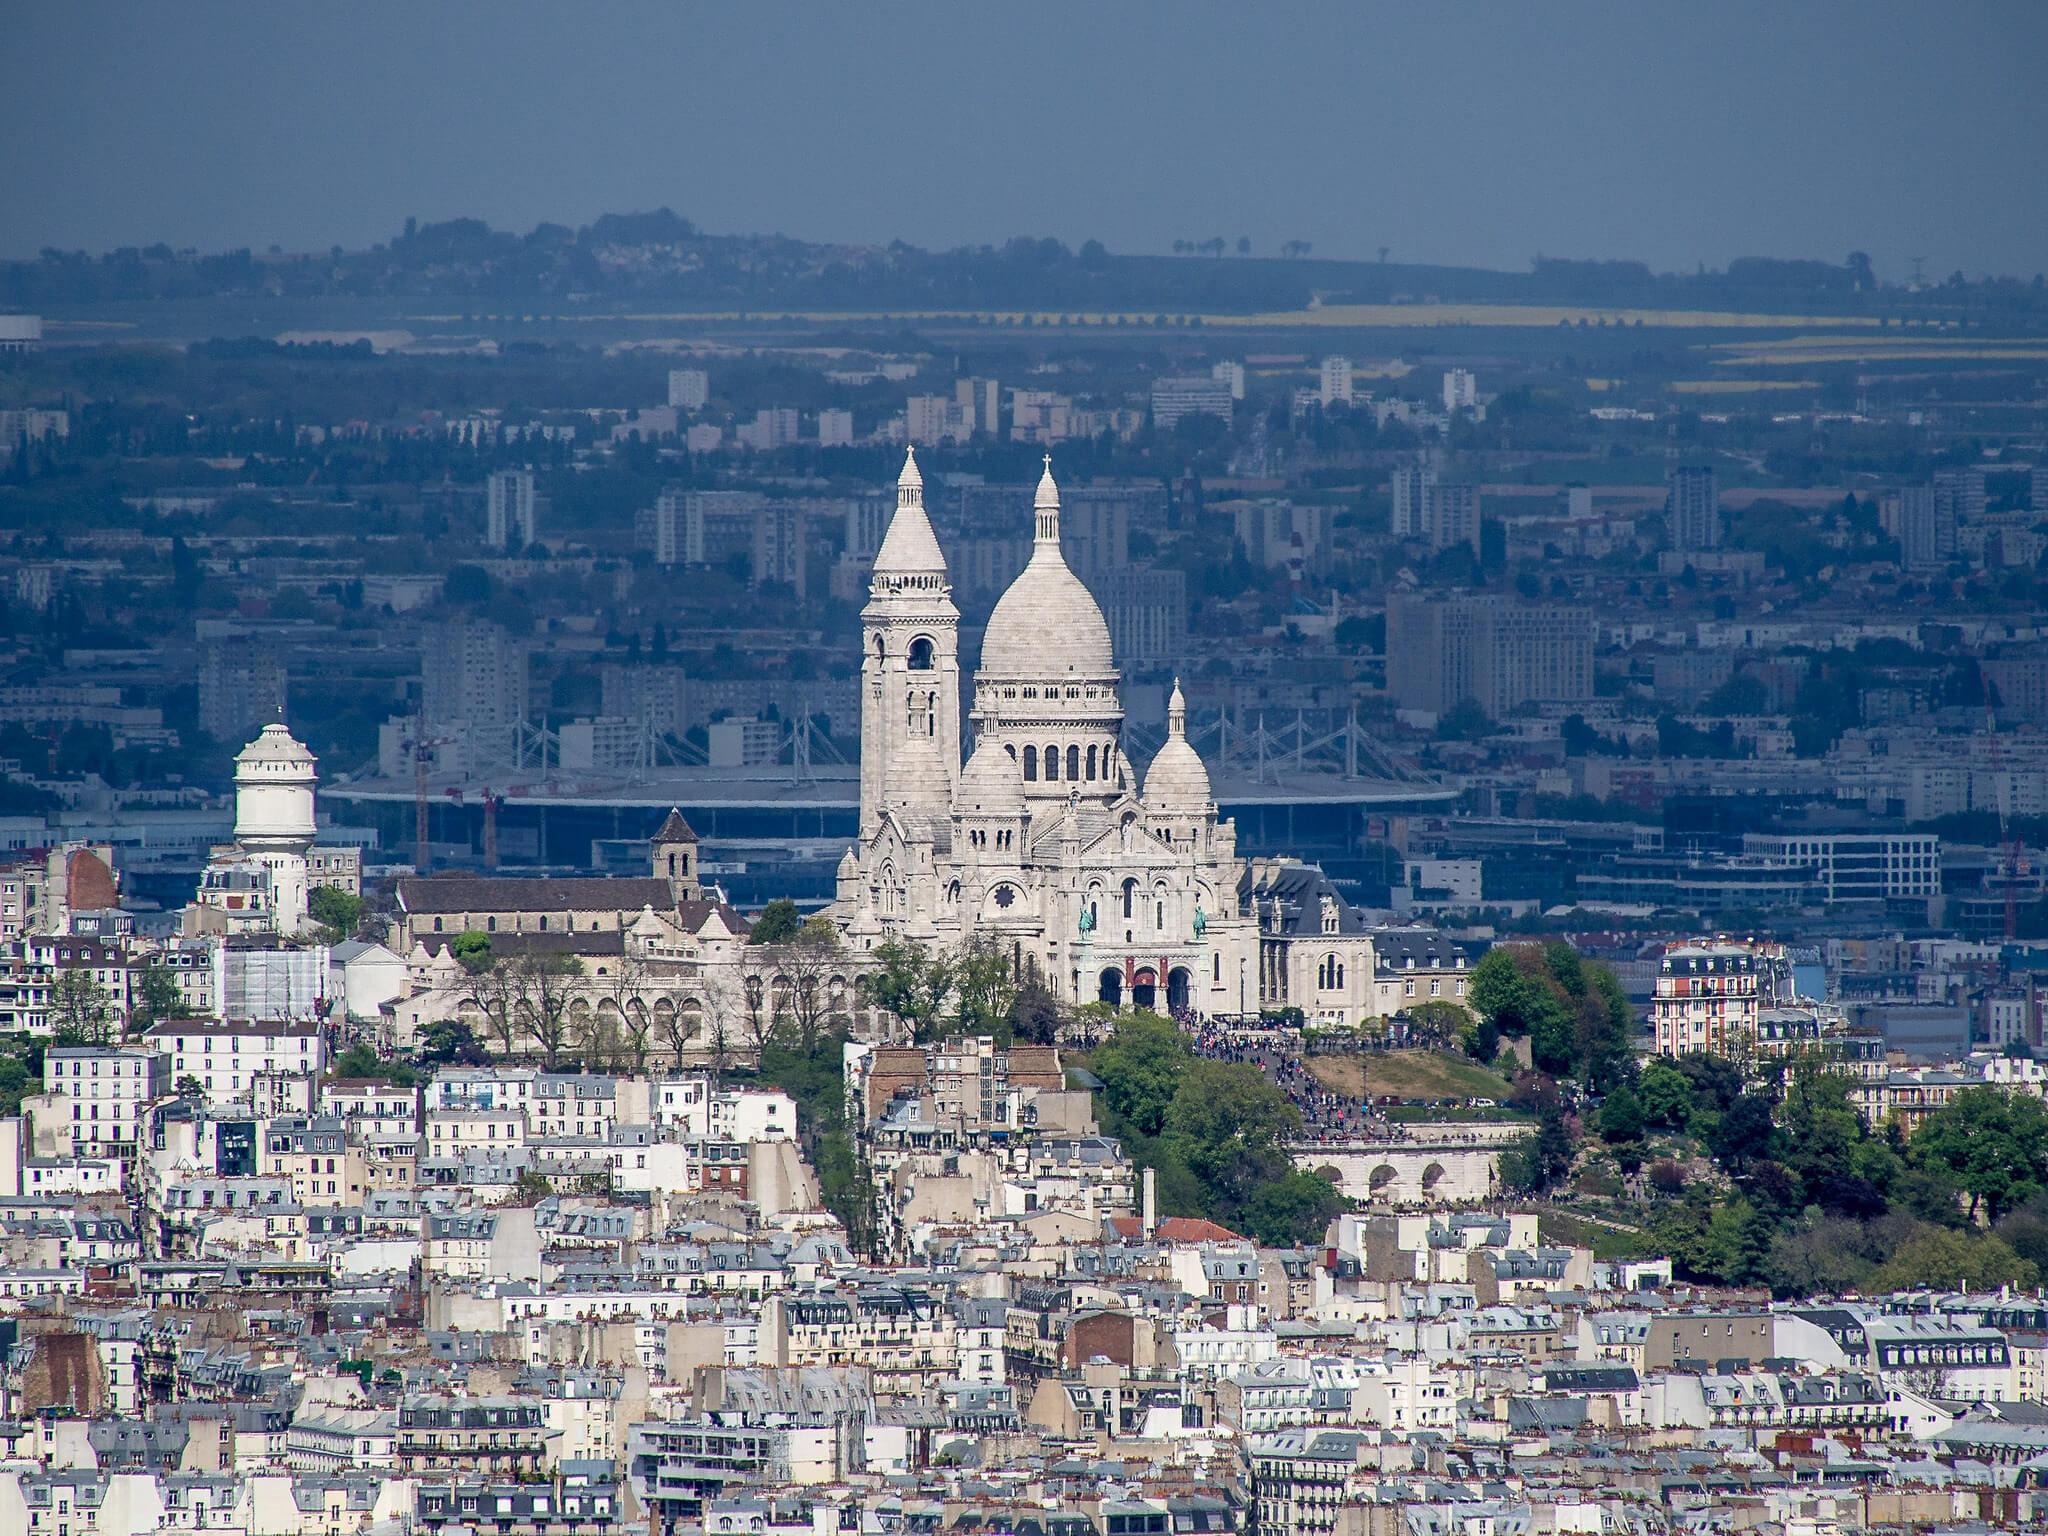 la Basilique du sacré cœur de Paris